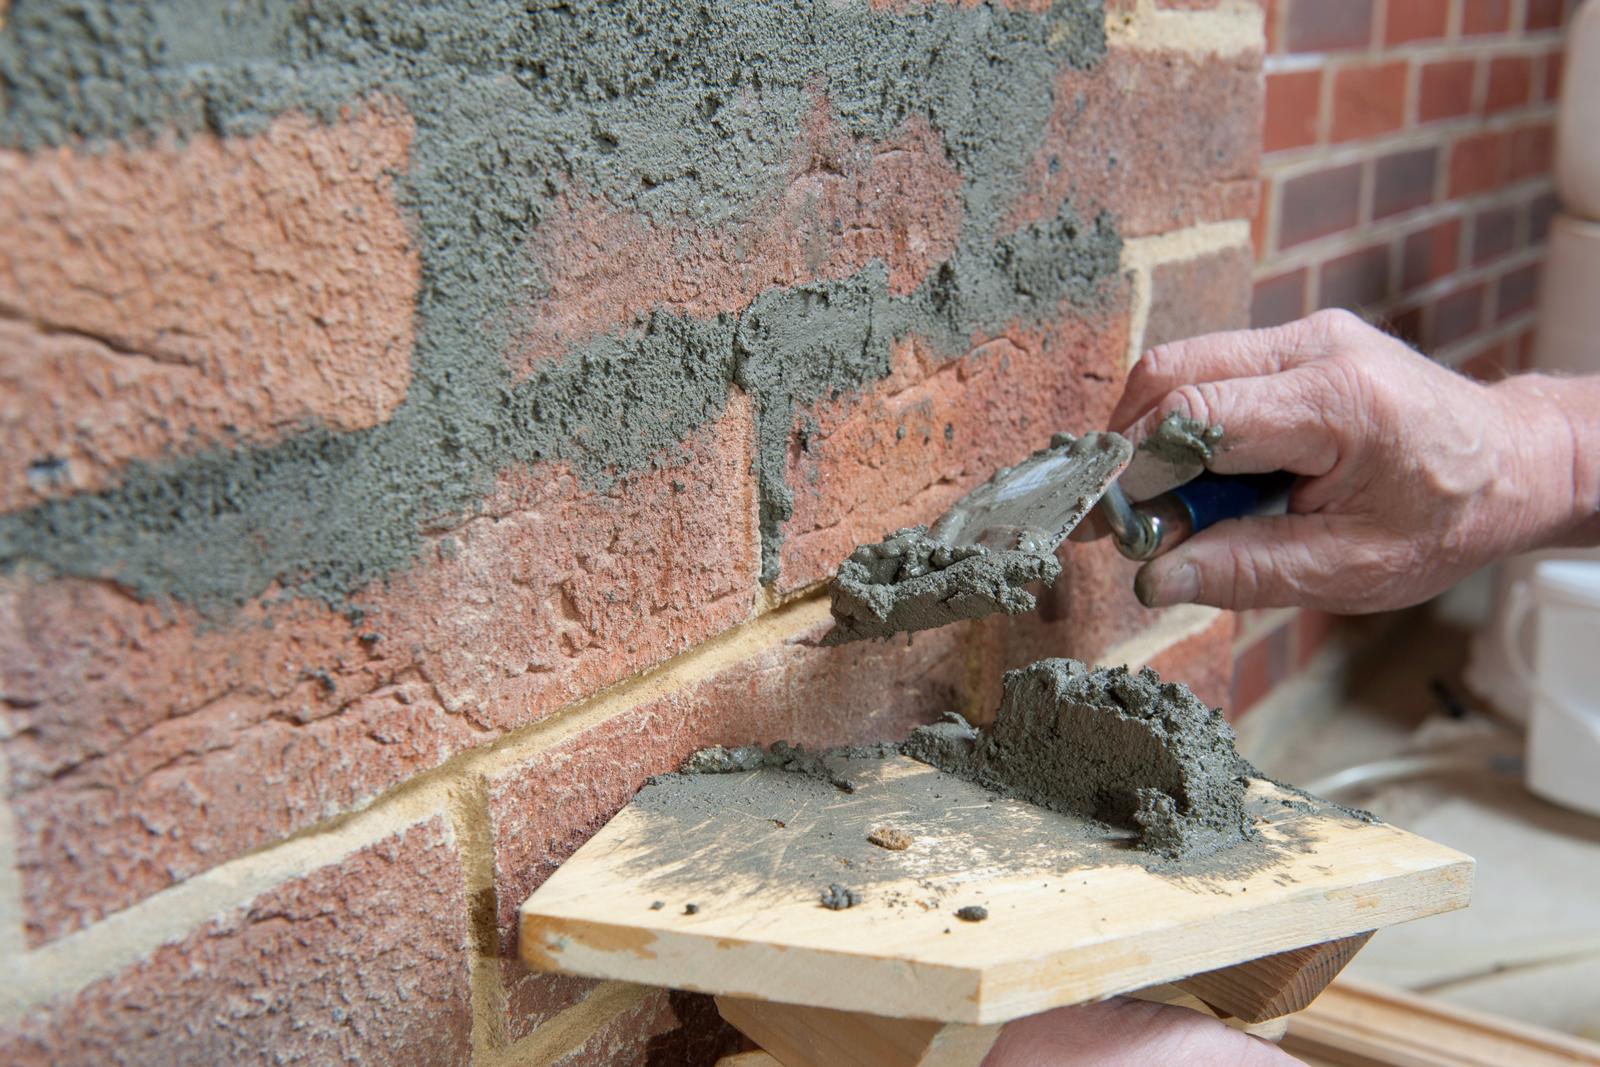 how to make up concrete mortar